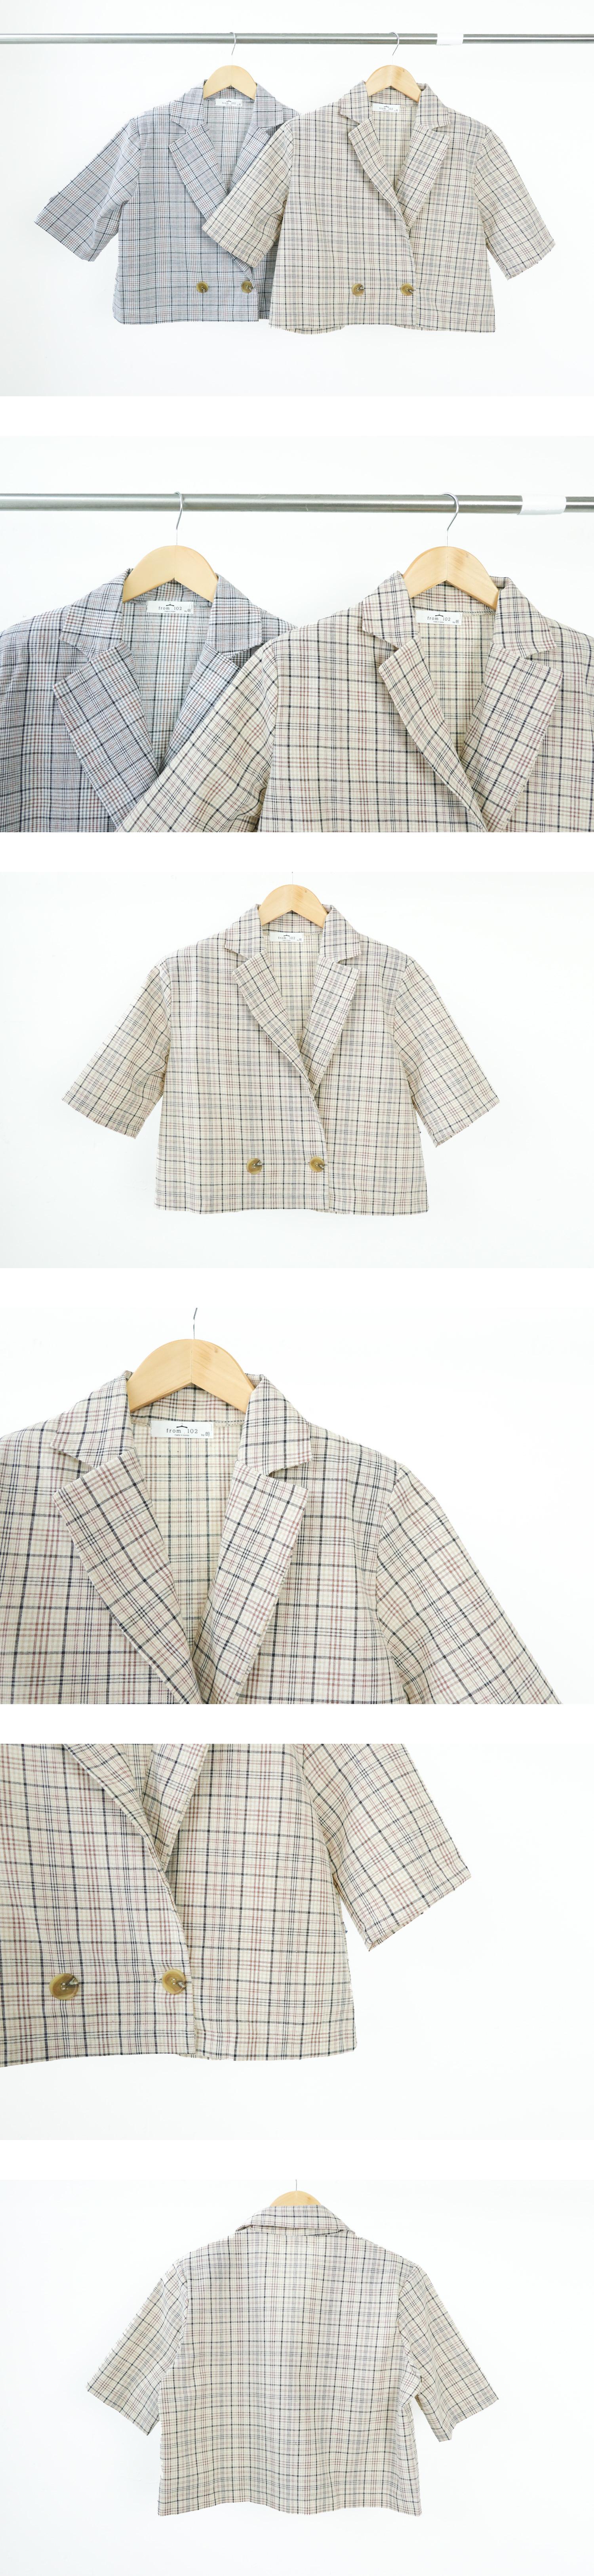 Macaron short-sleeved cropped jacket